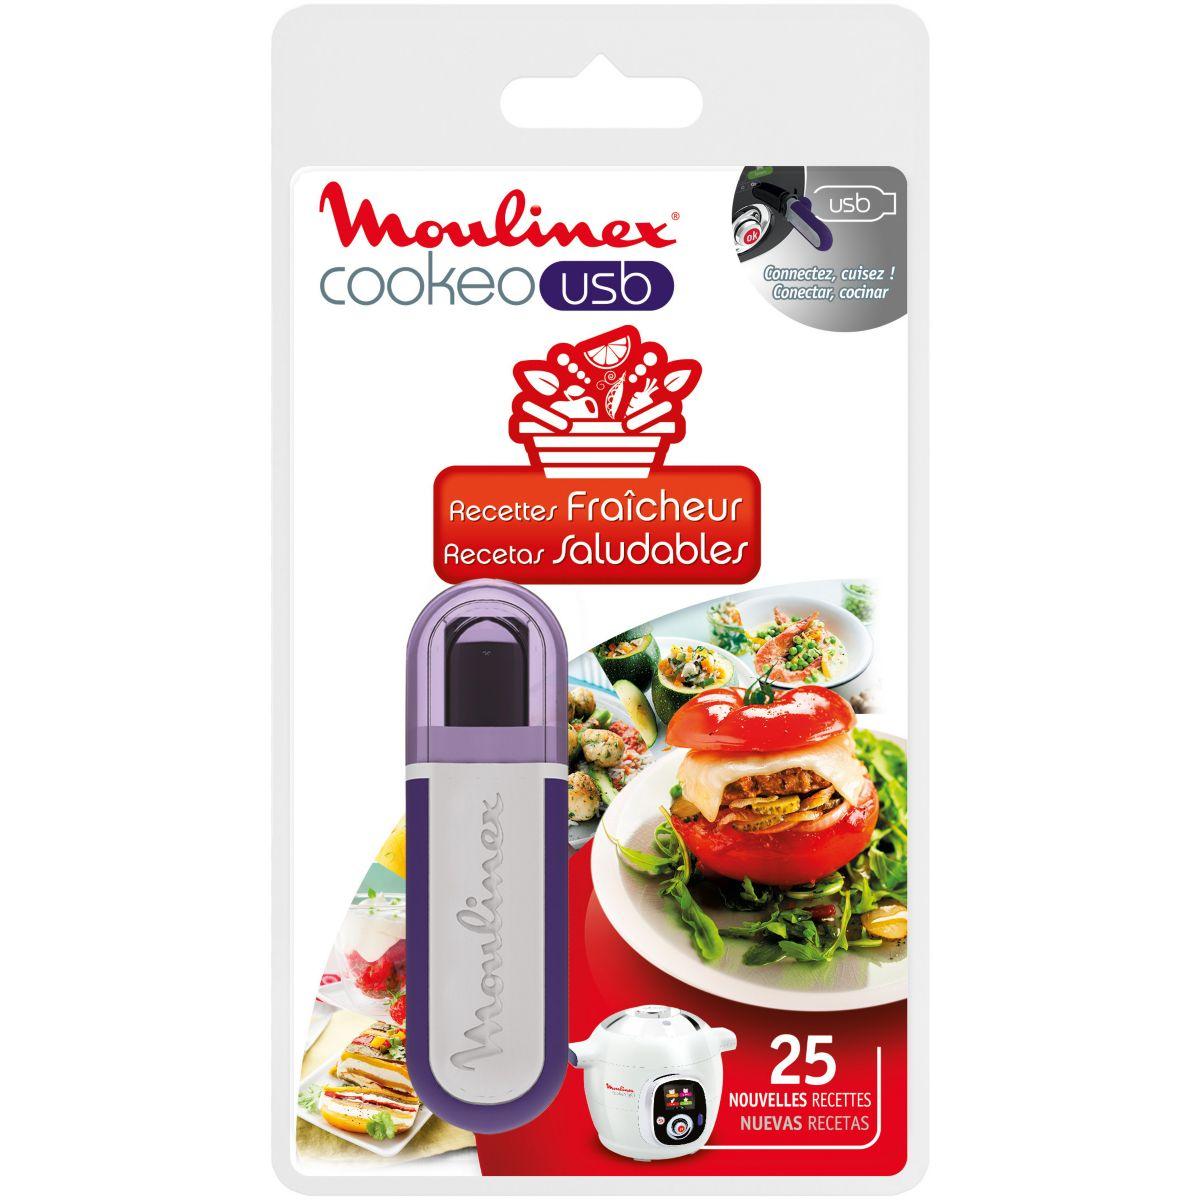 Clé usb moulinex clé usb cookeo- 25 recettes (photo)